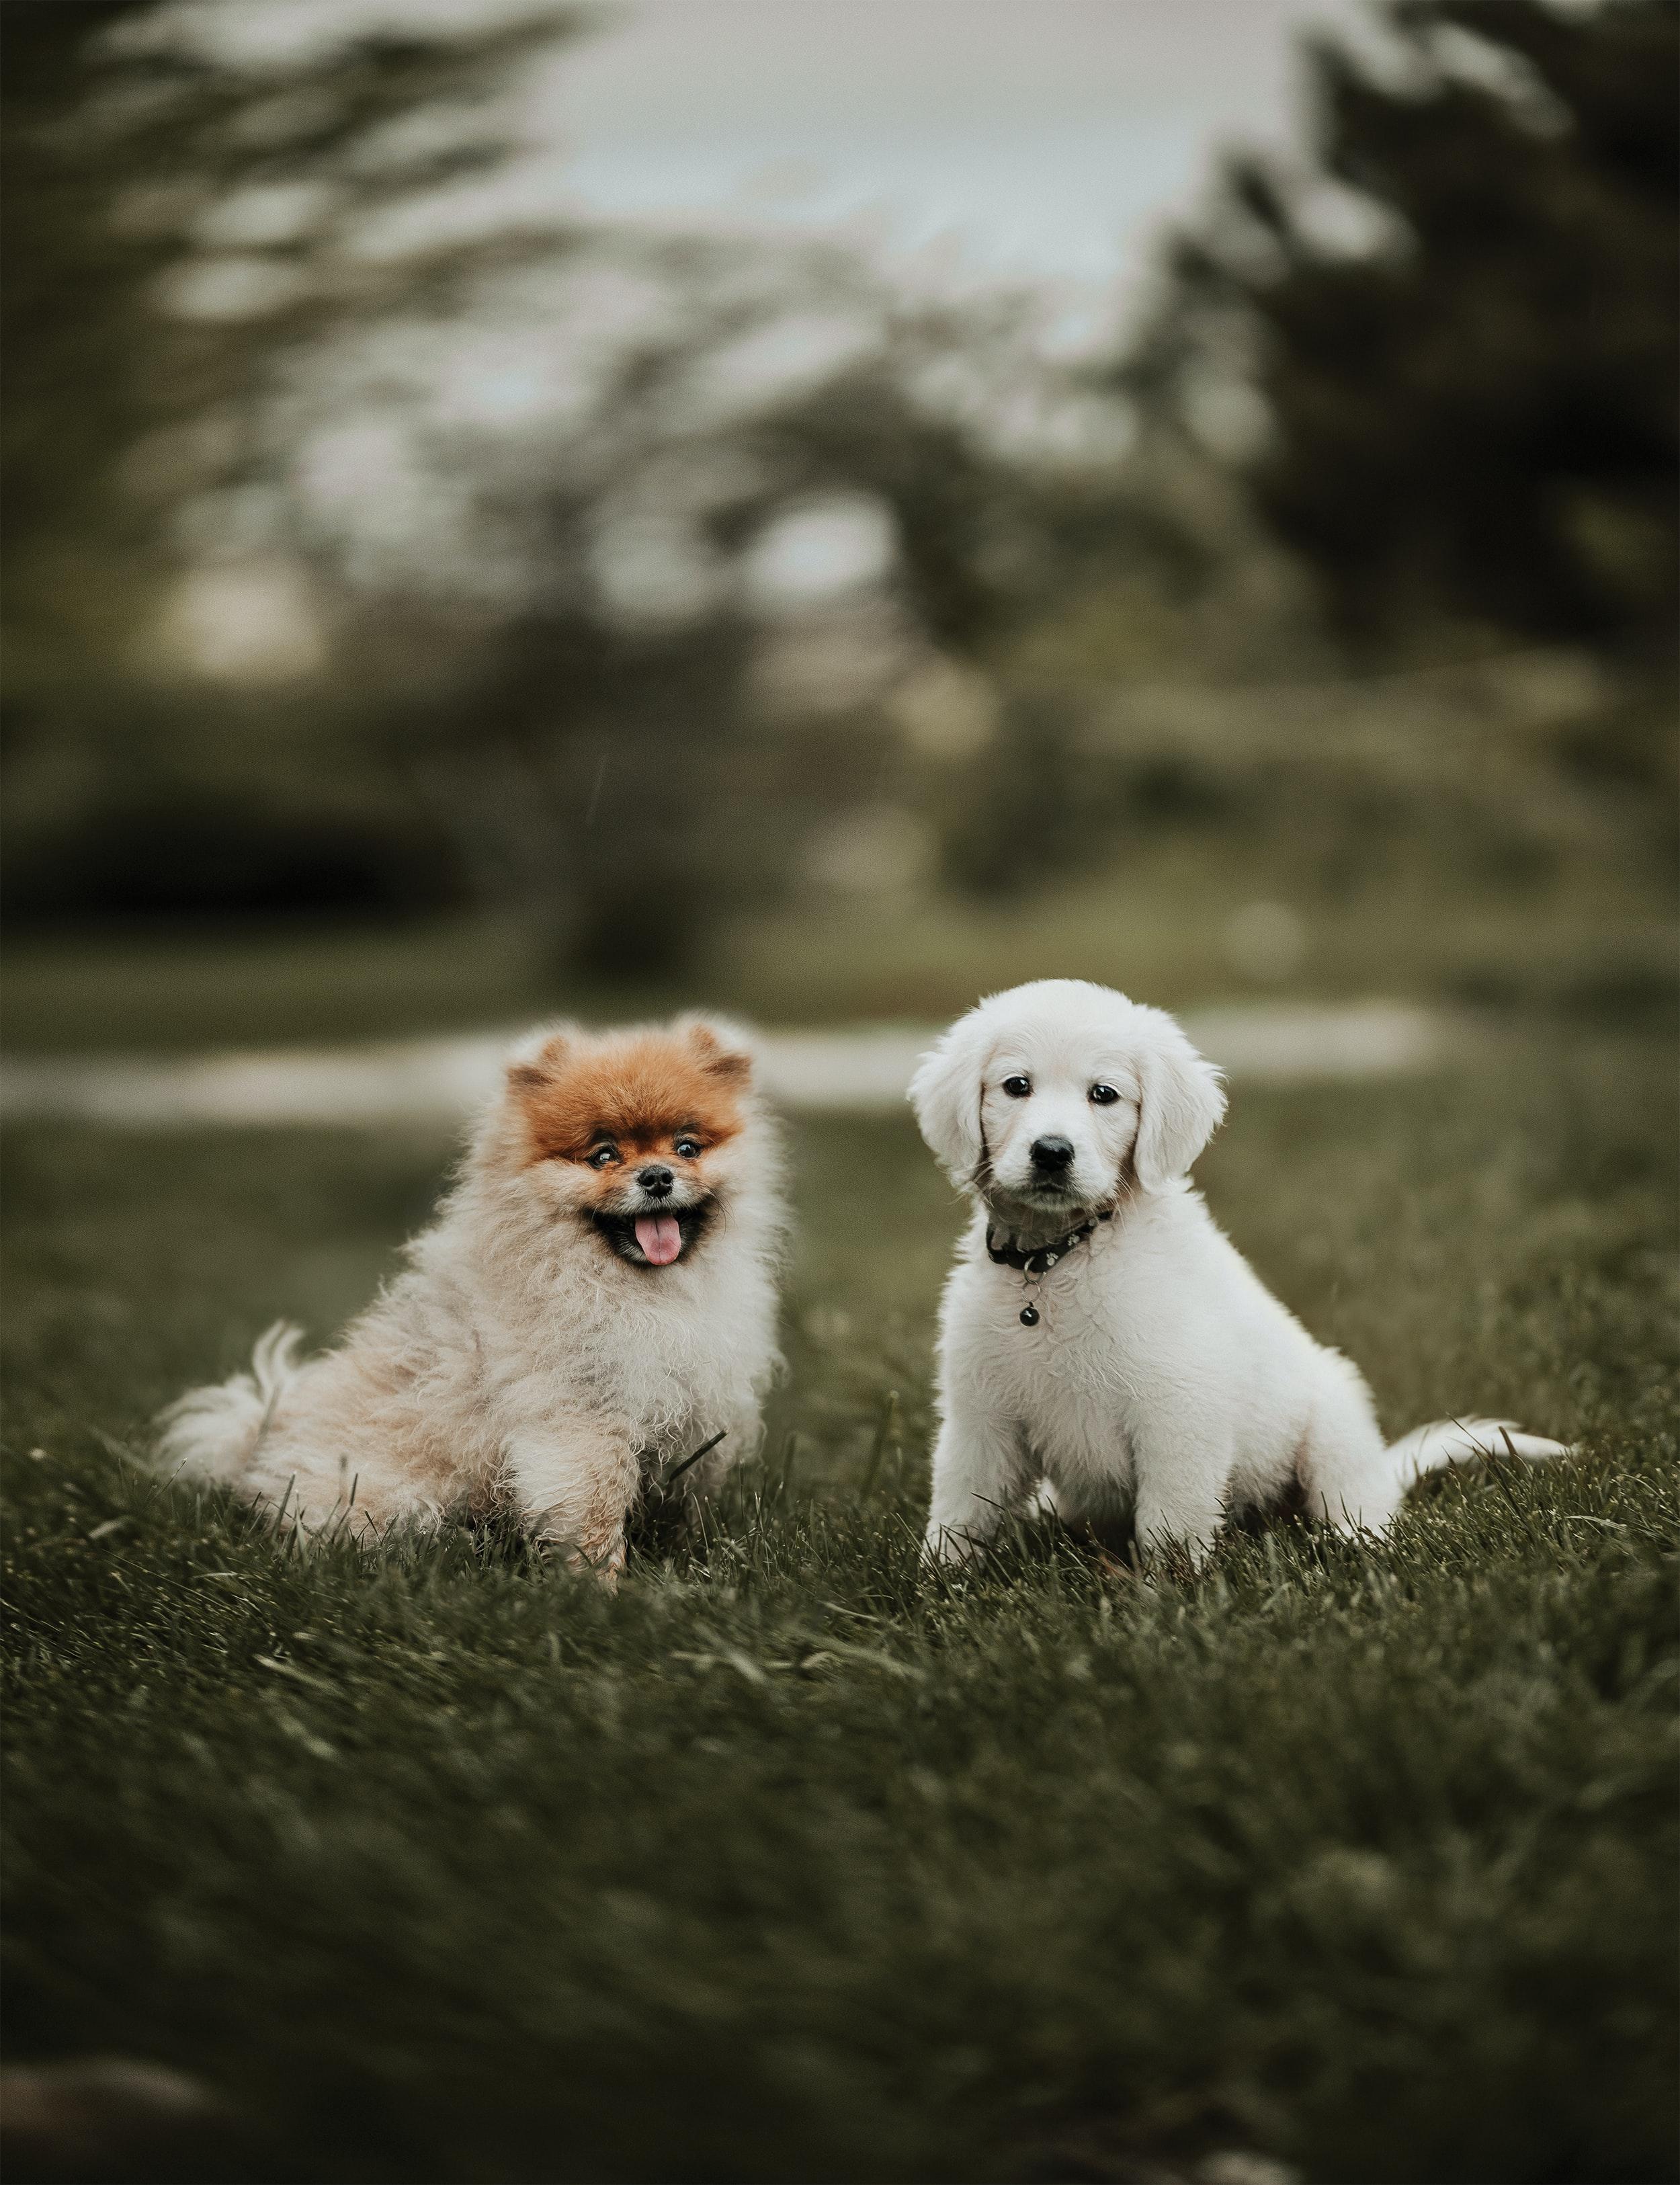 96730 descargar fondo de pantalla Animales, Cachorros, Perros, Amistad: protectores de pantalla e imágenes gratis